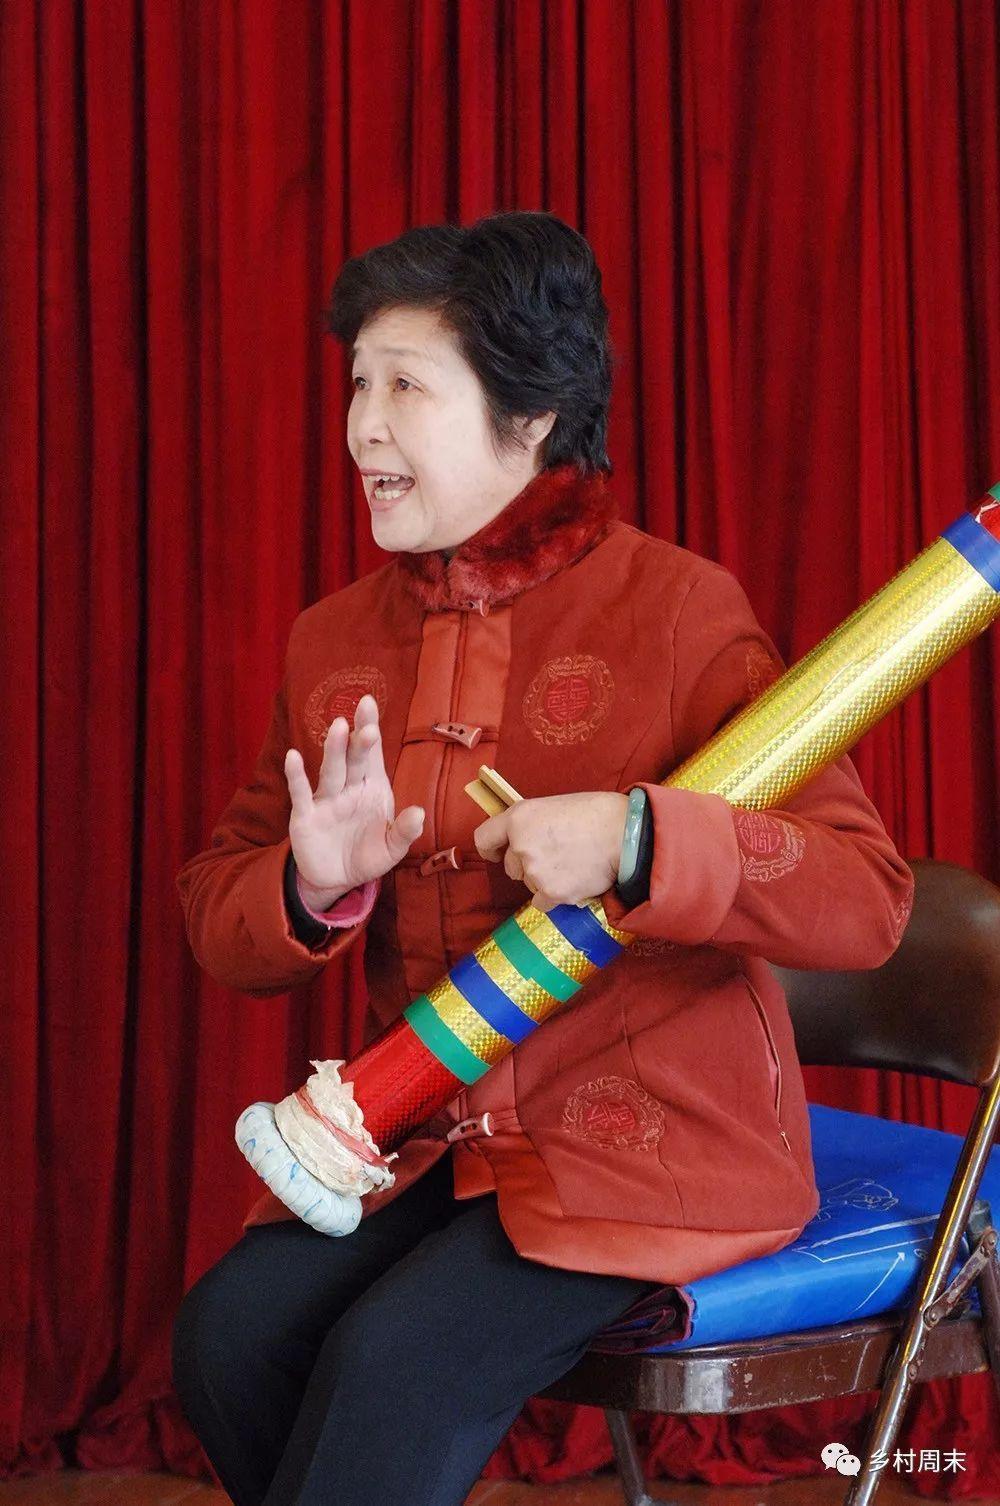 今天是文化和自然遗产日,问个问题,谭维维唱的华阴老腔是戏曲还是曲艺?| 文末有福利